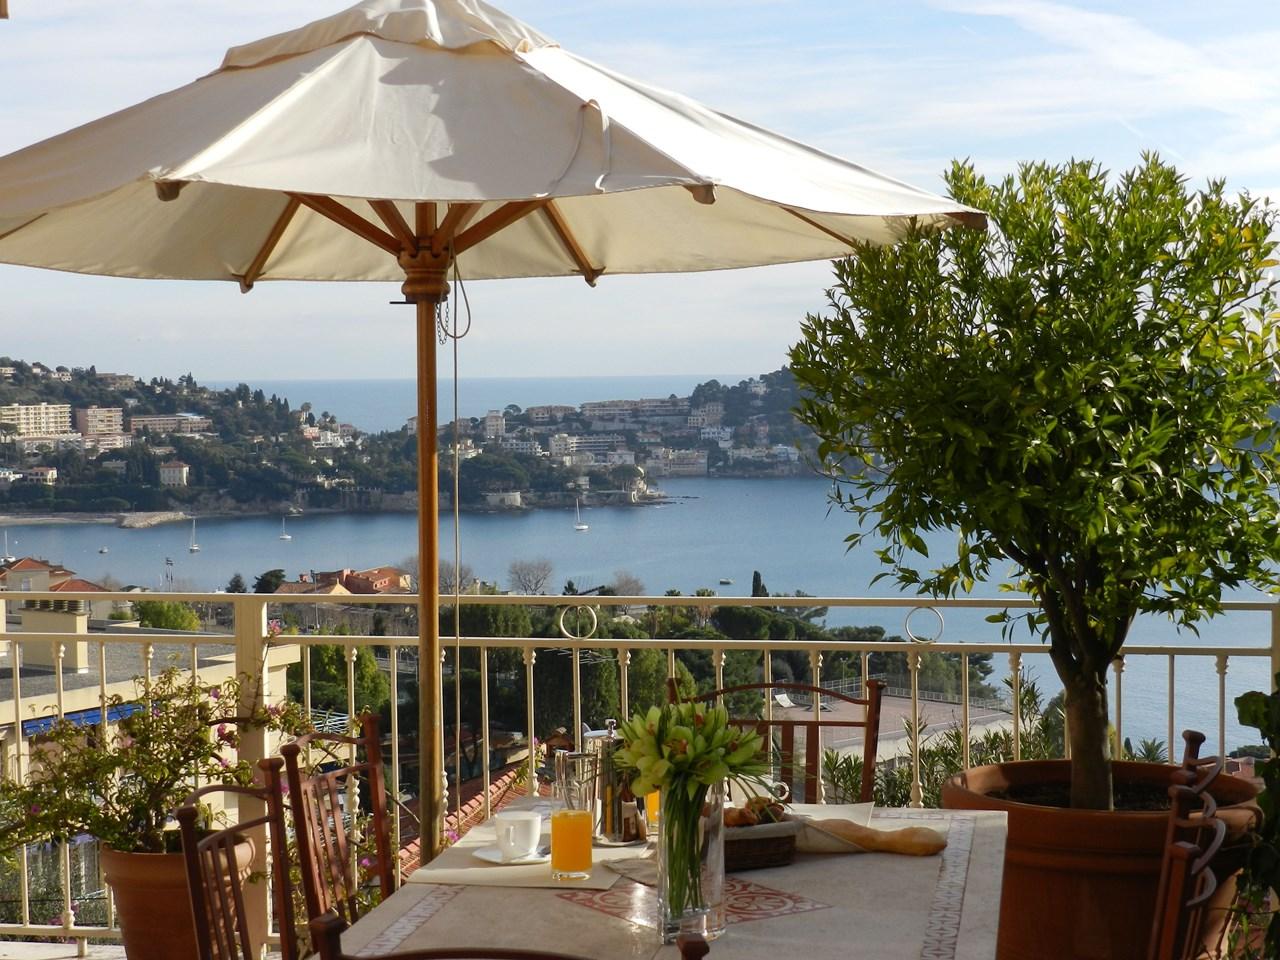 WIMCO Villas, La Baie, YNF BAI, France, Cote D Azur - Nice to Monaco, Family Friendly Villa, 5 Bedroom Villa, 4 Bathroom Villa, Terrace, WiFi